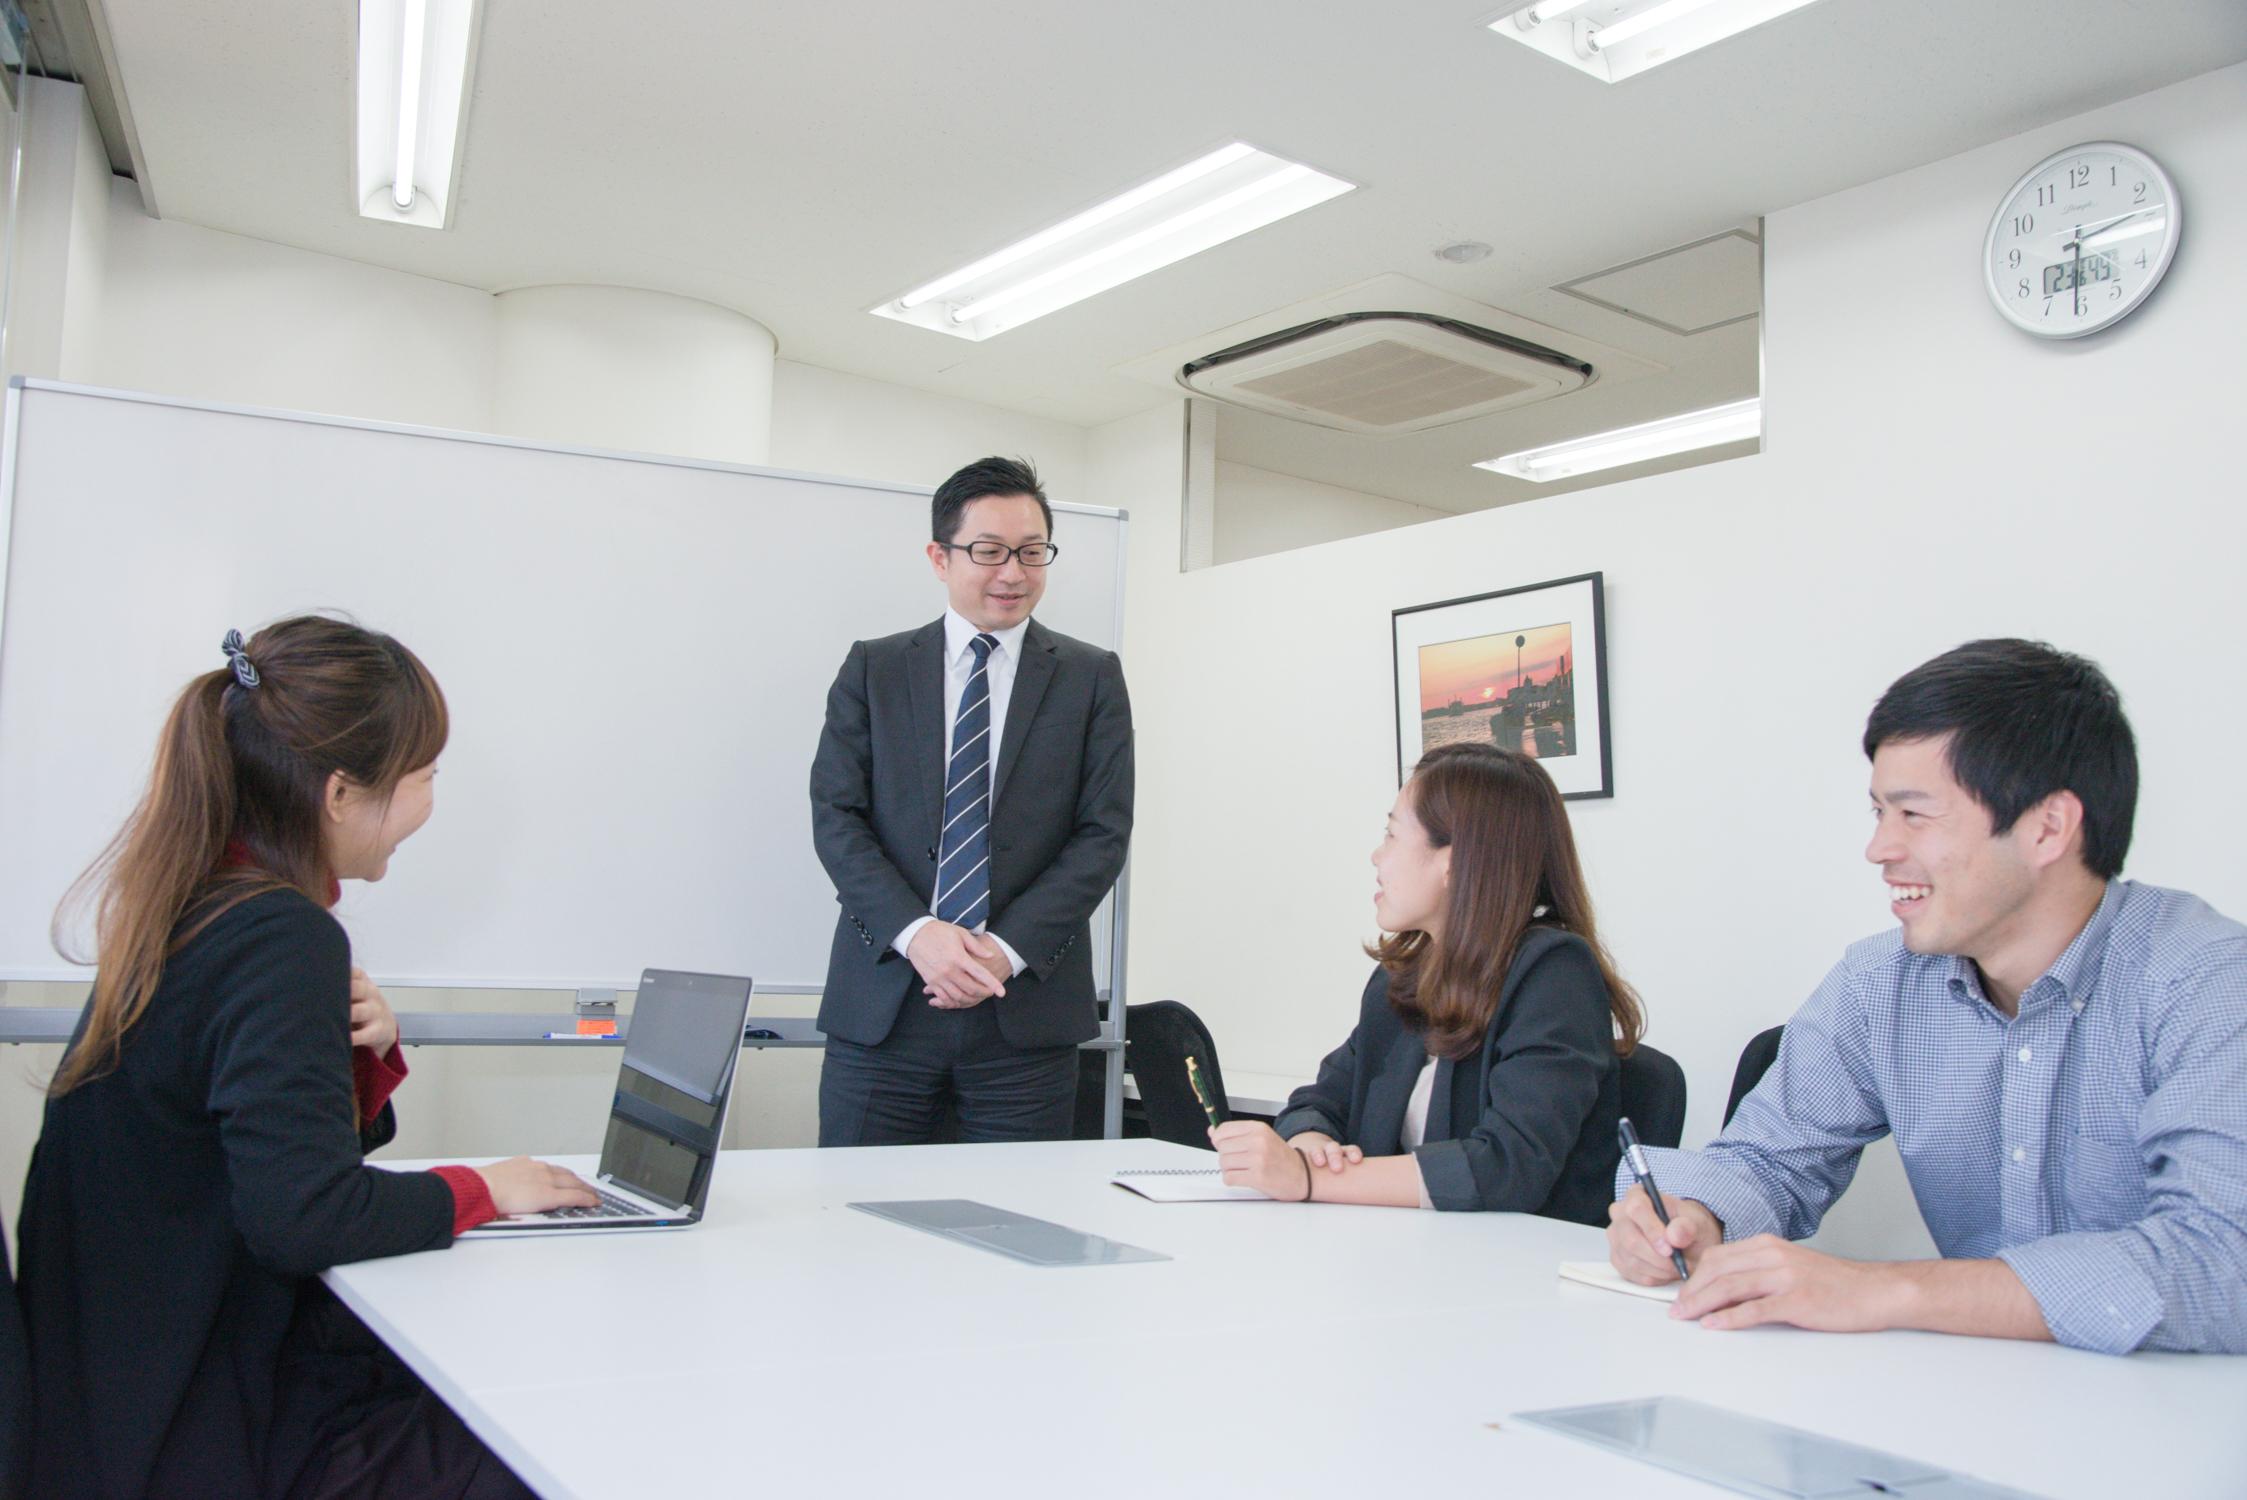 【冬休みの2days講座】経営、マーケティングについて学び、成長できる!